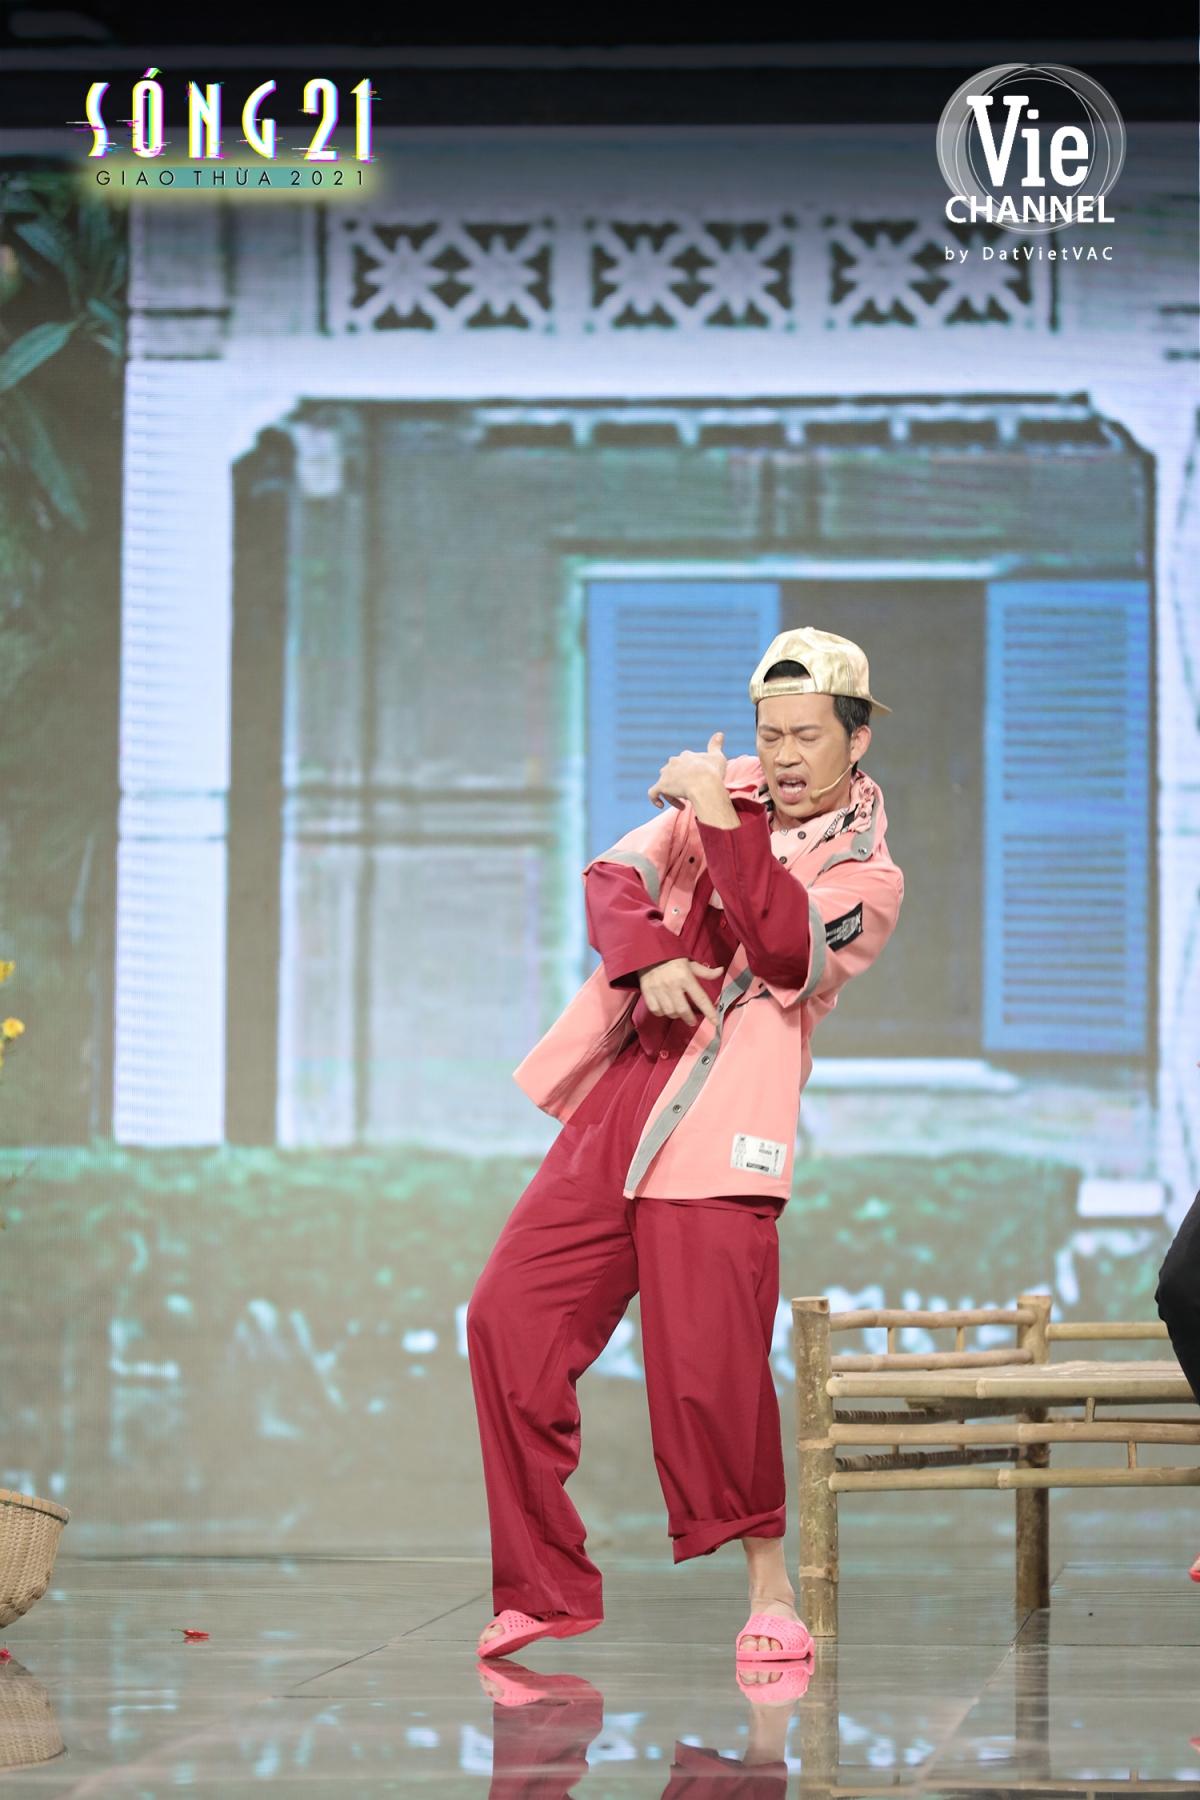 Hoài Linh hoá thân thành rapper Binz.